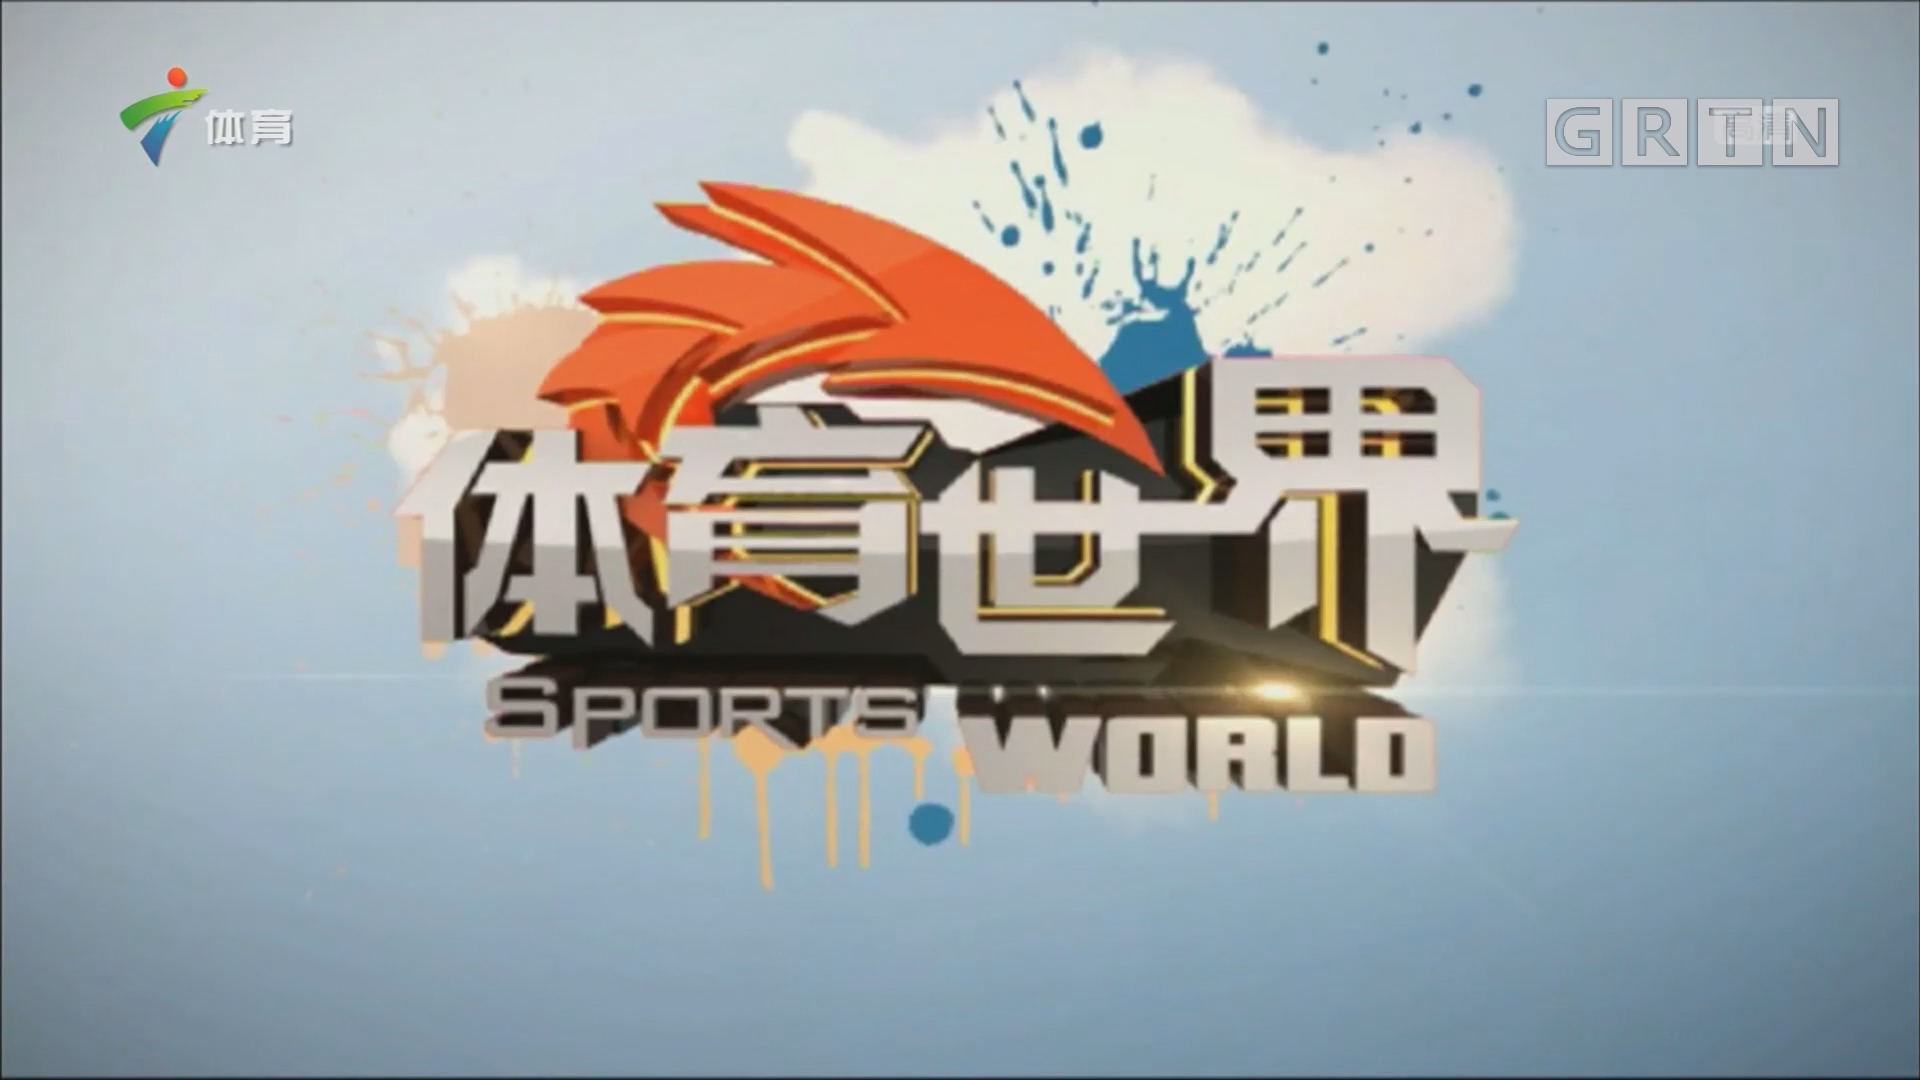 [HD][2017-09-09]体育世界:借南粤古驿道东风 六百年古村旧貌换新颜